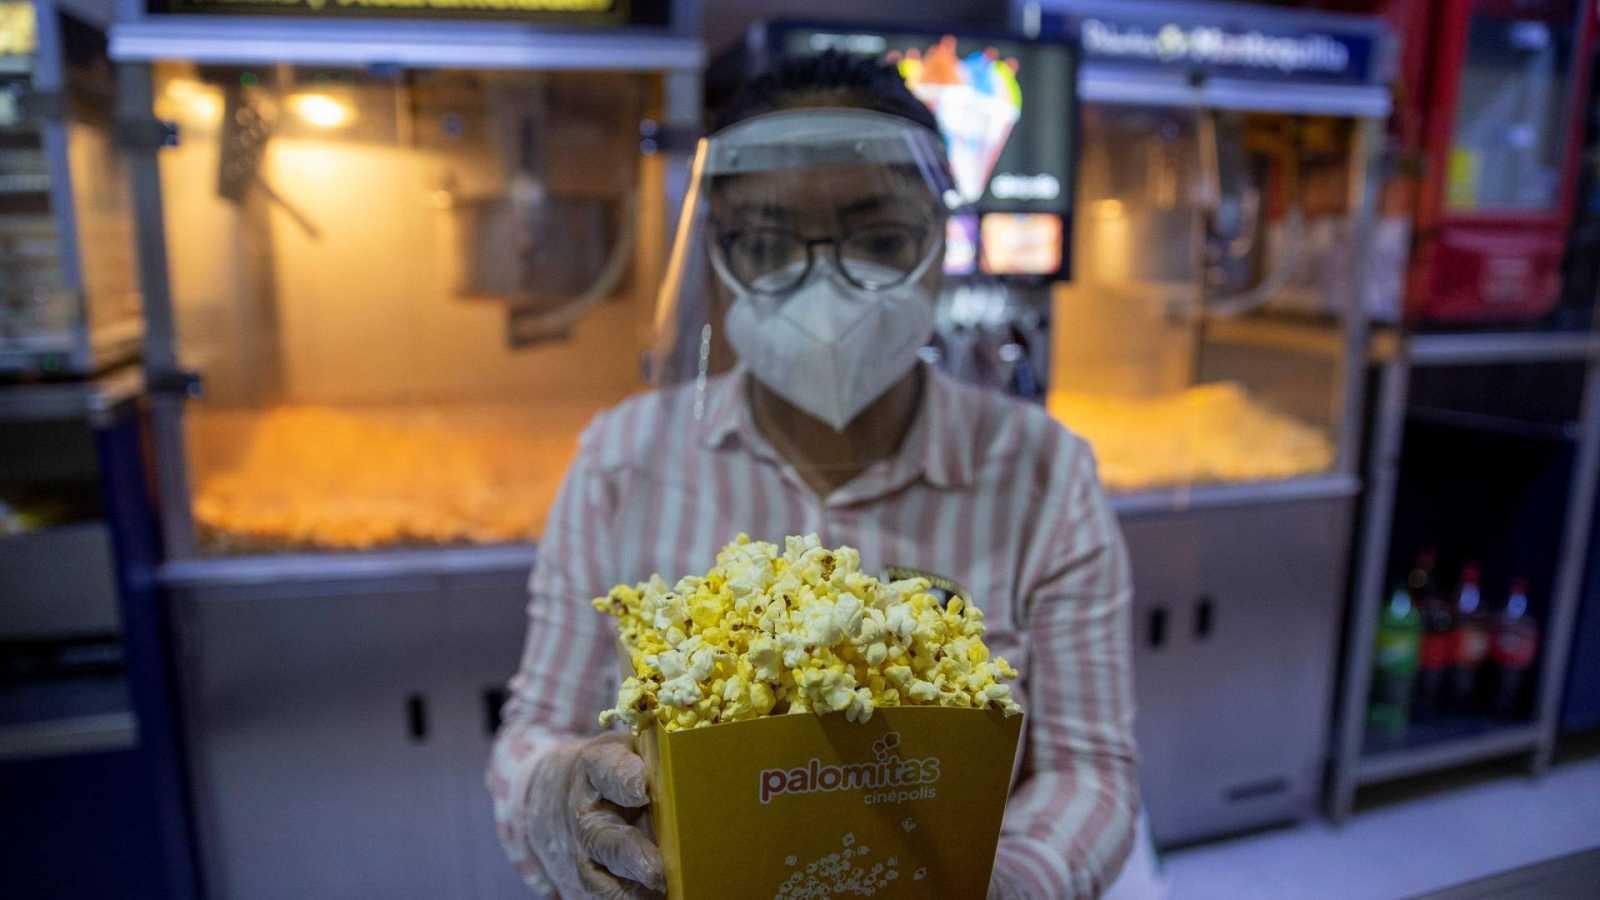 14 Horas Fin de Semana - La crisis que el COVID19 trajo al cine - Escuchar ahora